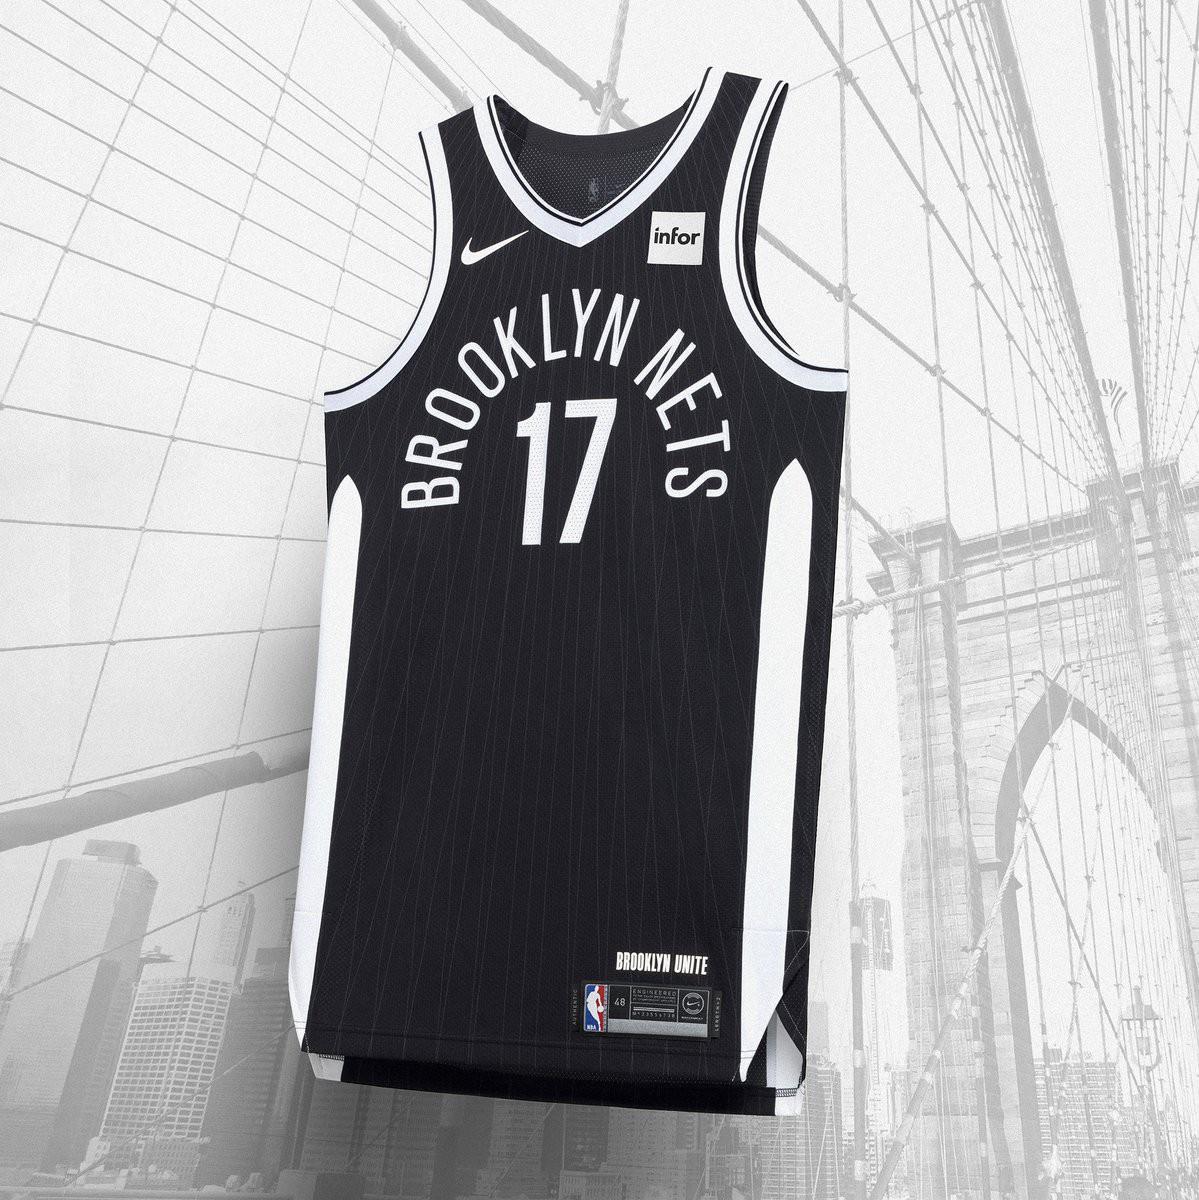 Các NTK đã cách điệu được họa tiết của cầu Brooklyn lên trên mẫu City Edition của Brooklyn Nets.